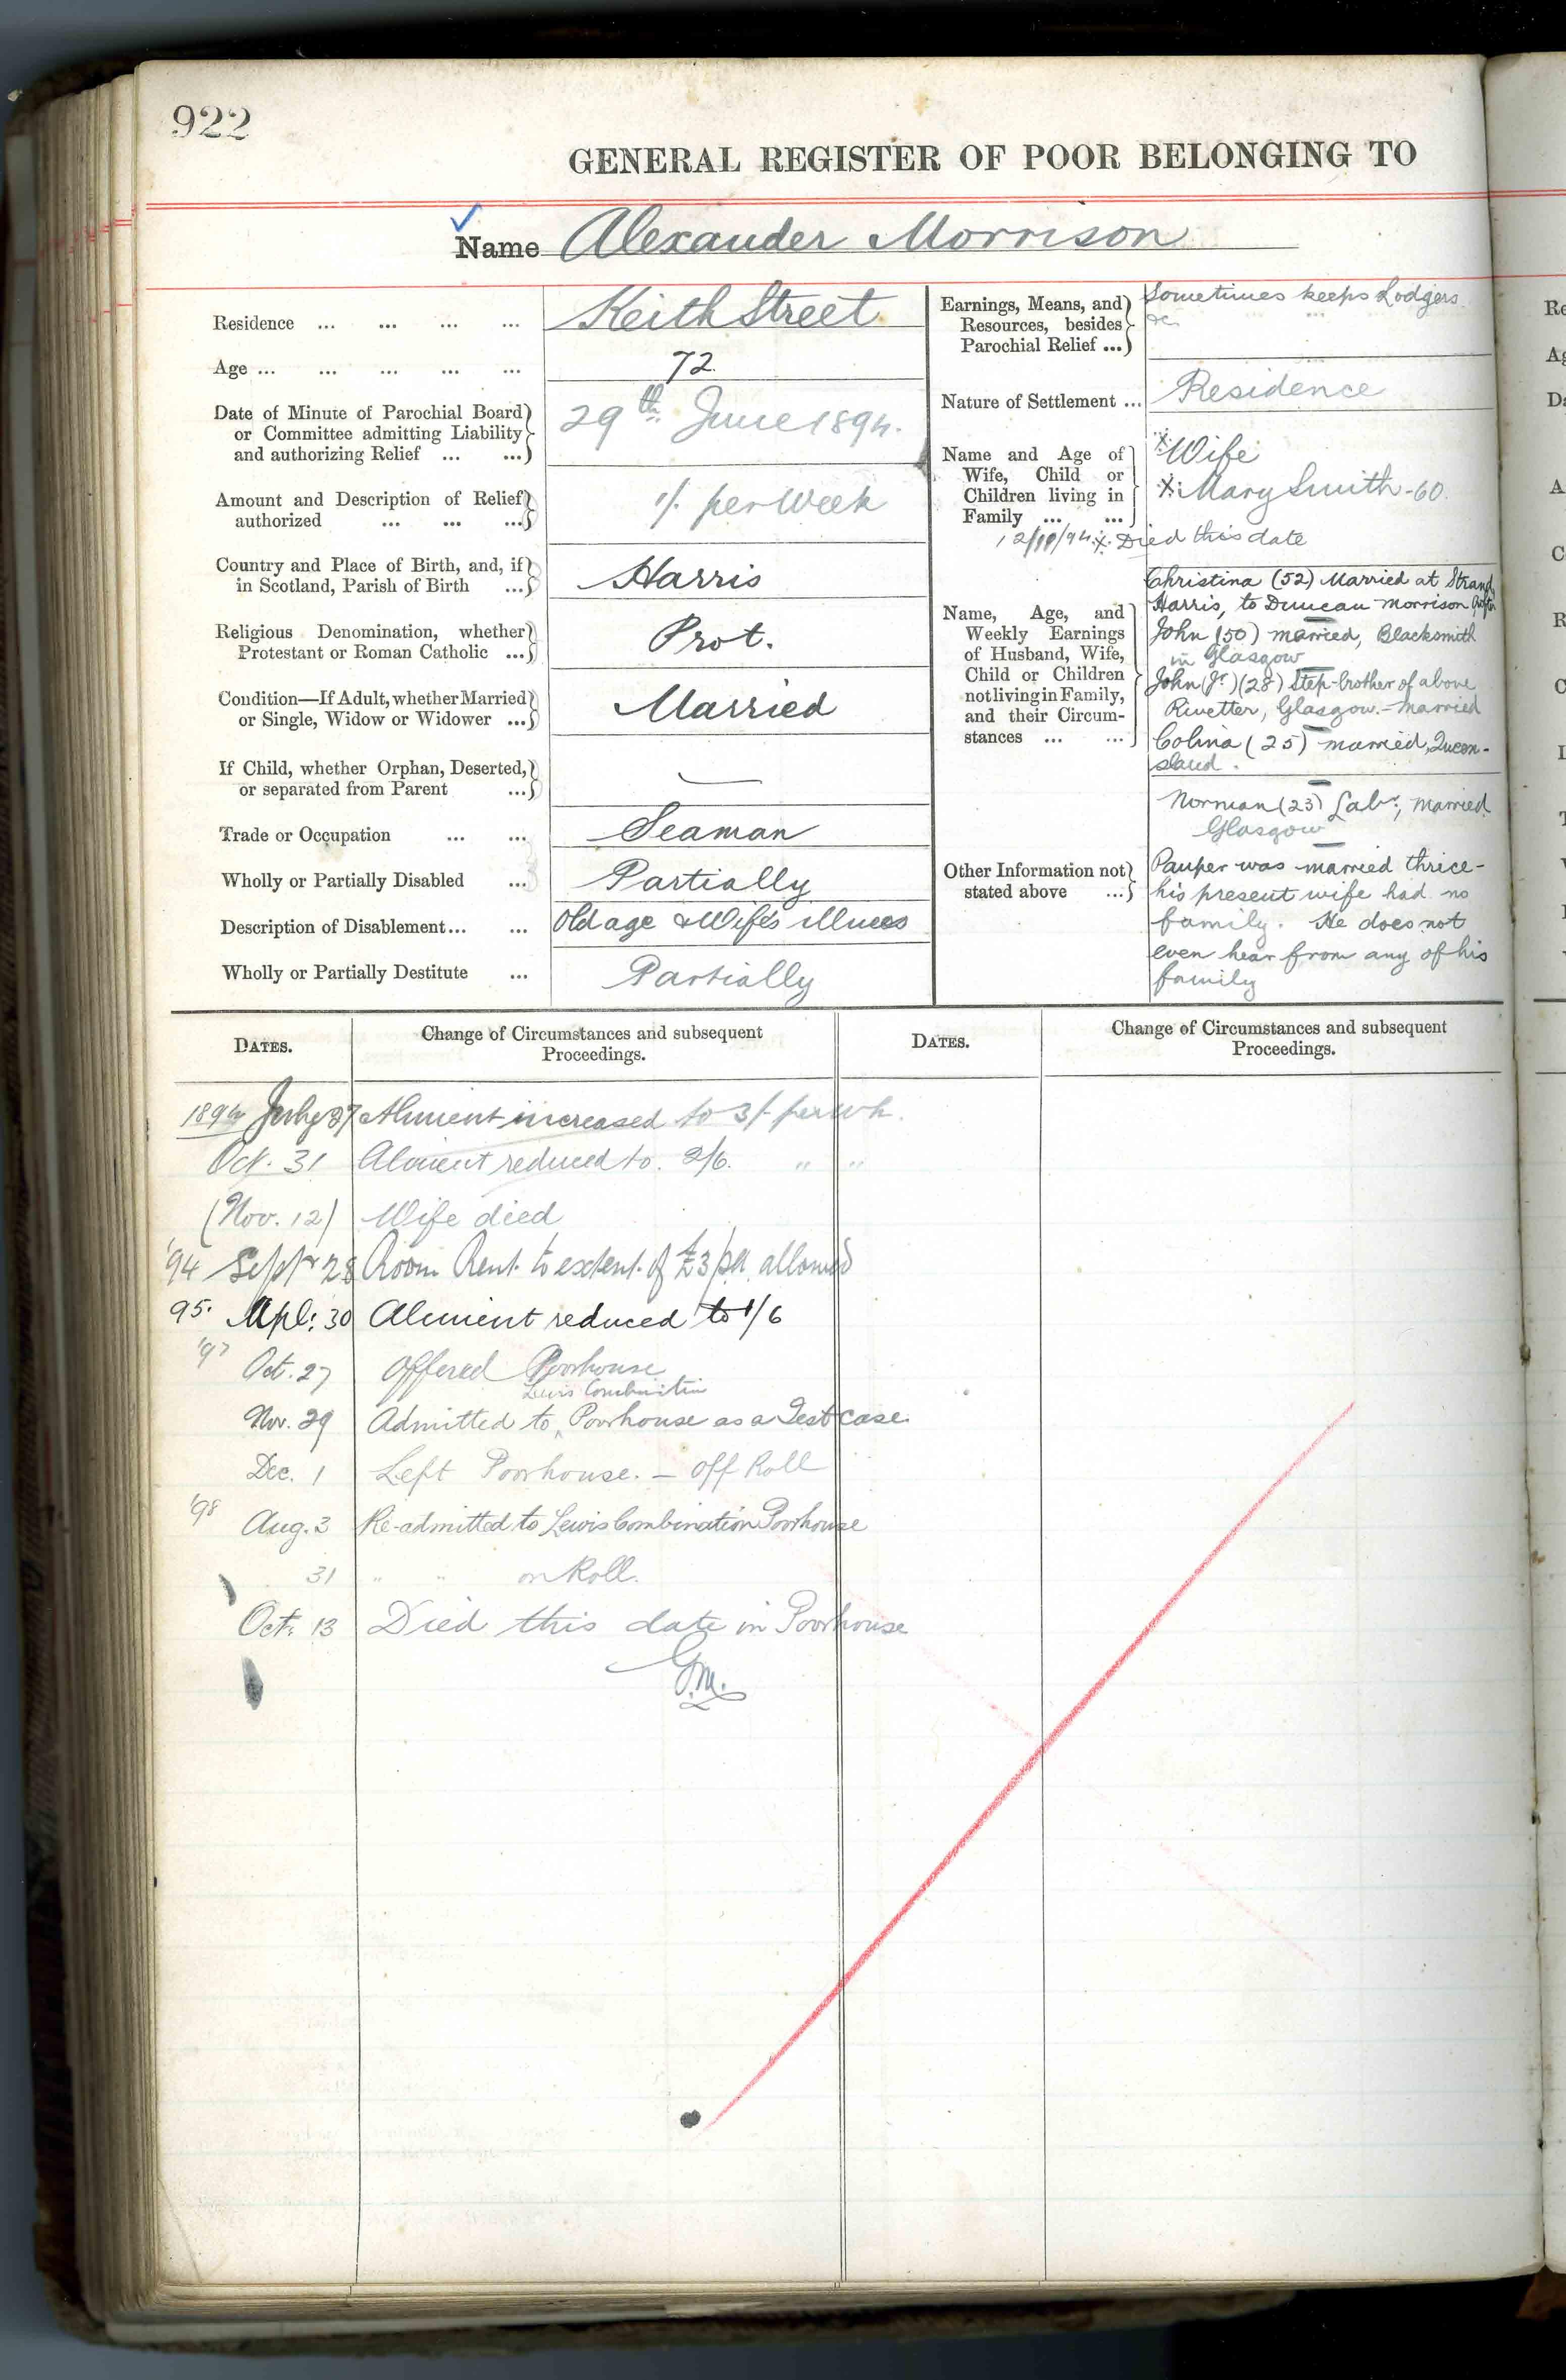 Alexander Morrison's entry in General Register of the Poor